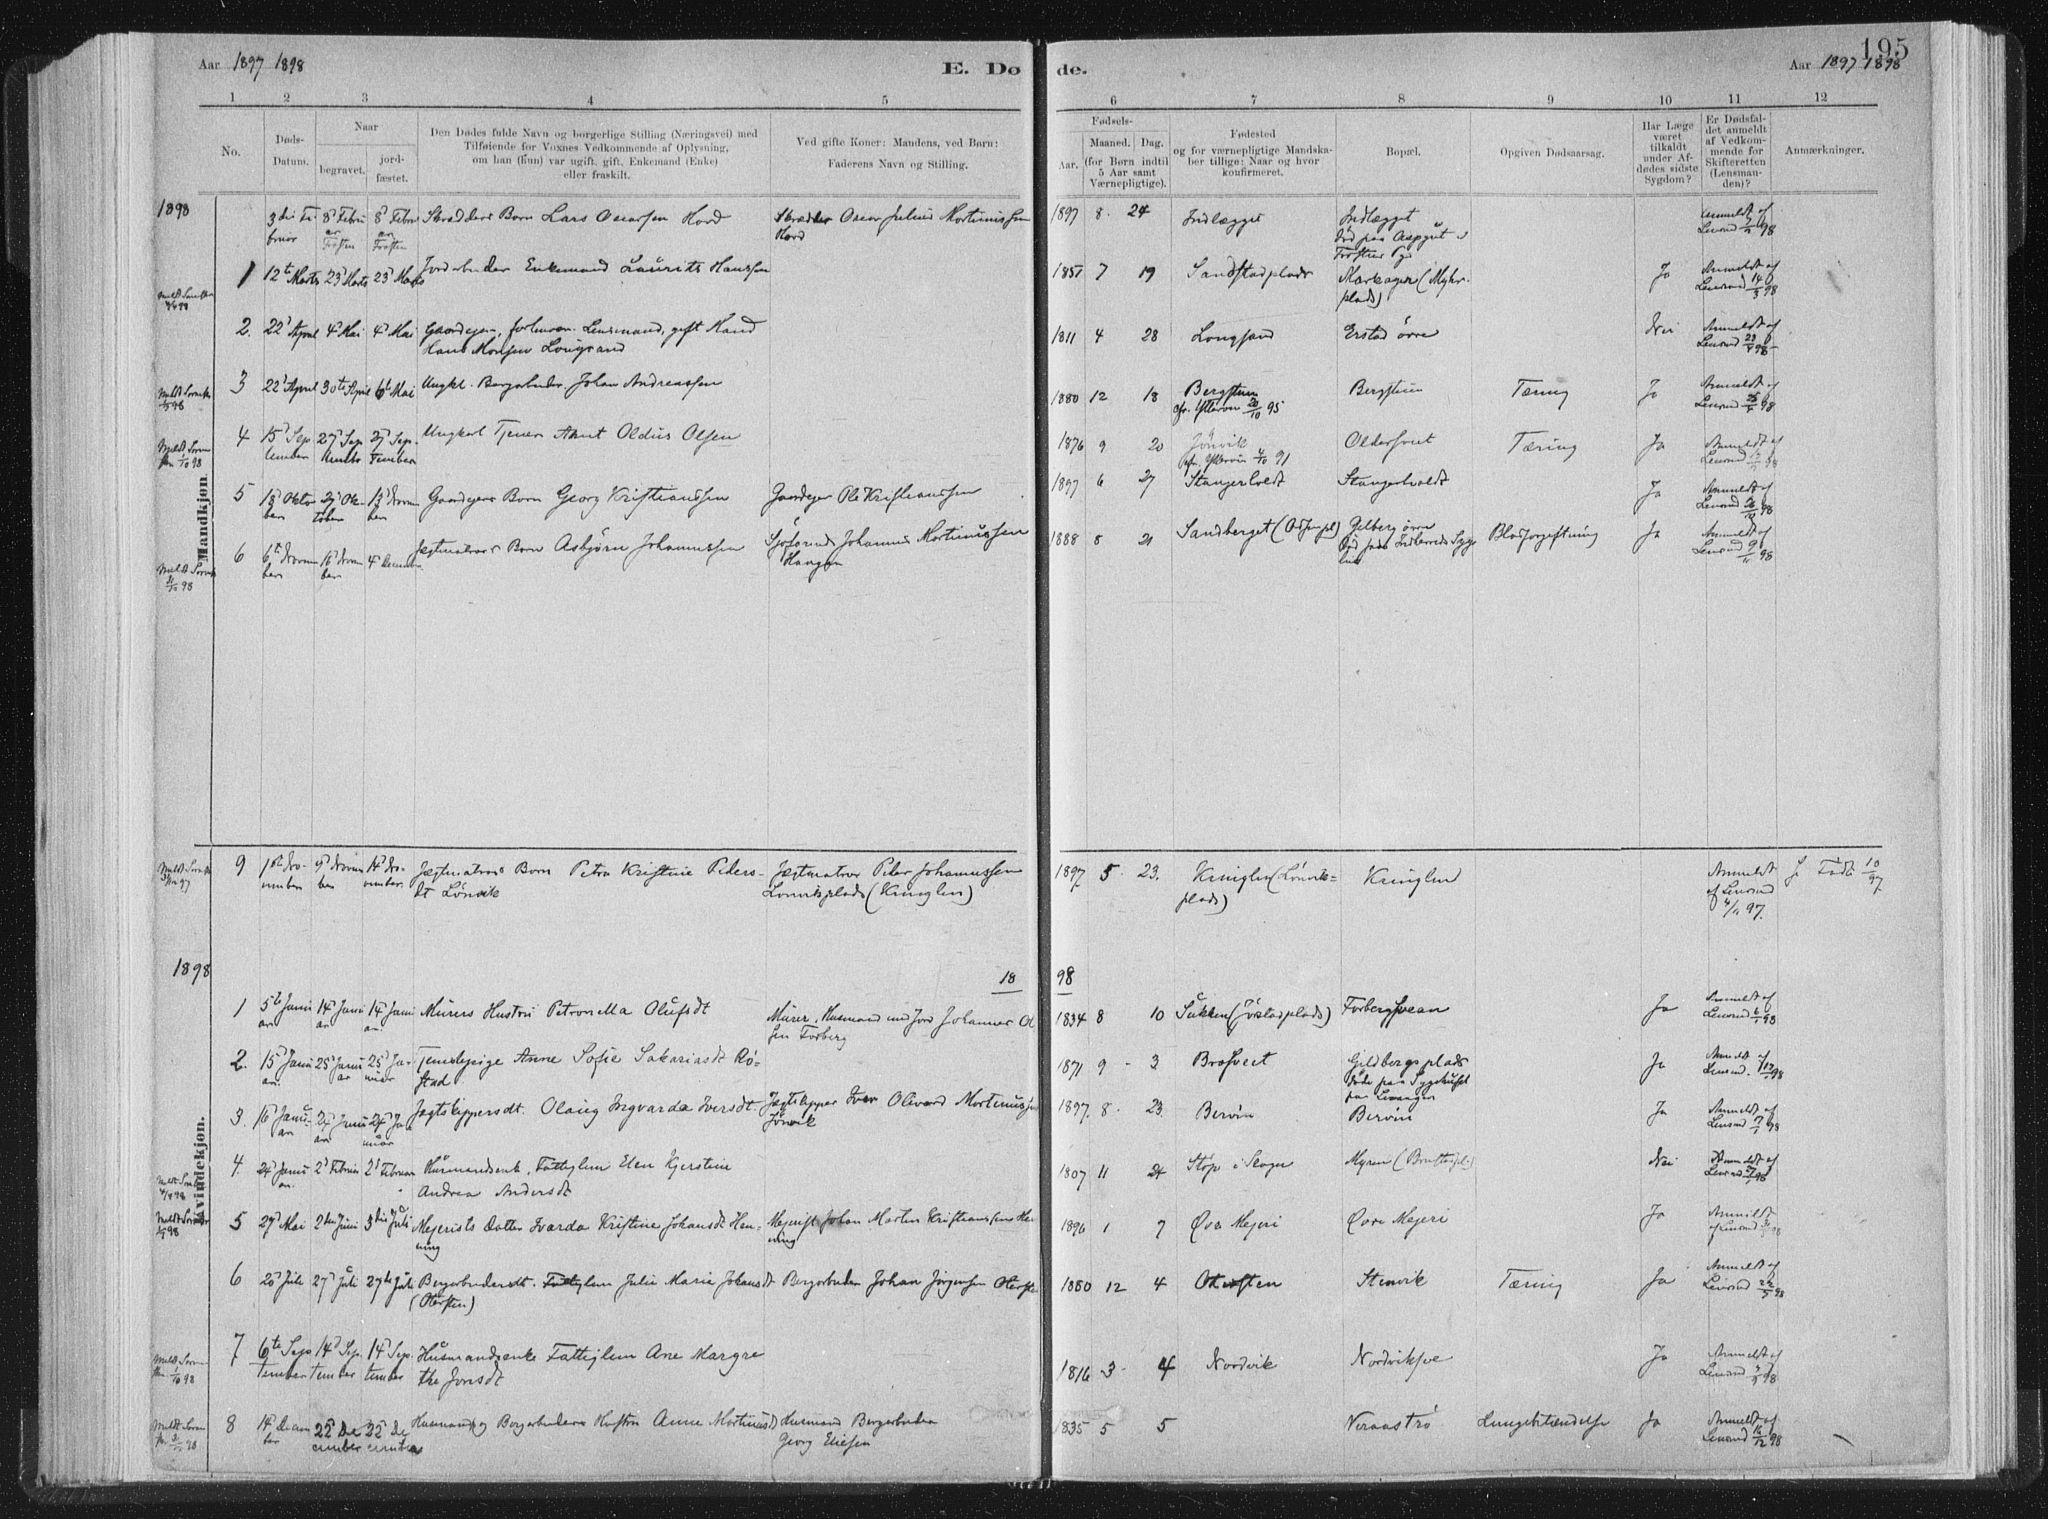 SAT, Ministerialprotokoller, klokkerbøker og fødselsregistre - Nord-Trøndelag, 722/L0220: Ministerialbok nr. 722A07, 1881-1908, s. 195